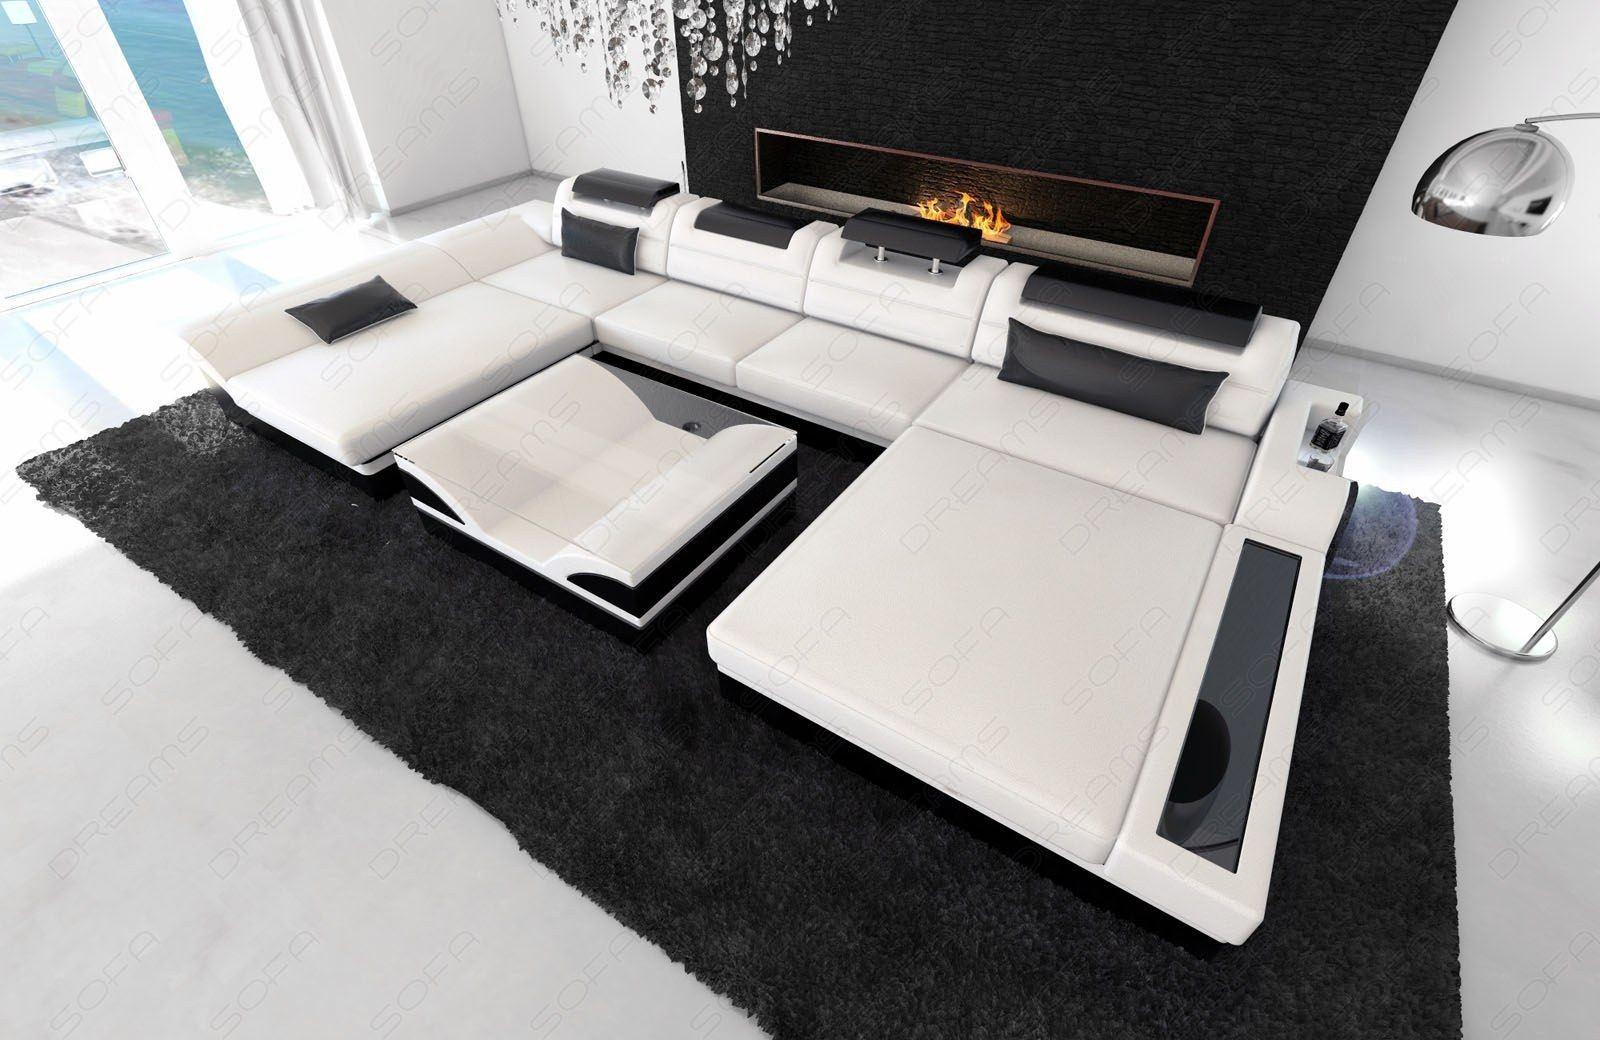 Designer Sofalandschaft Monza U Form in weiss - schwarz